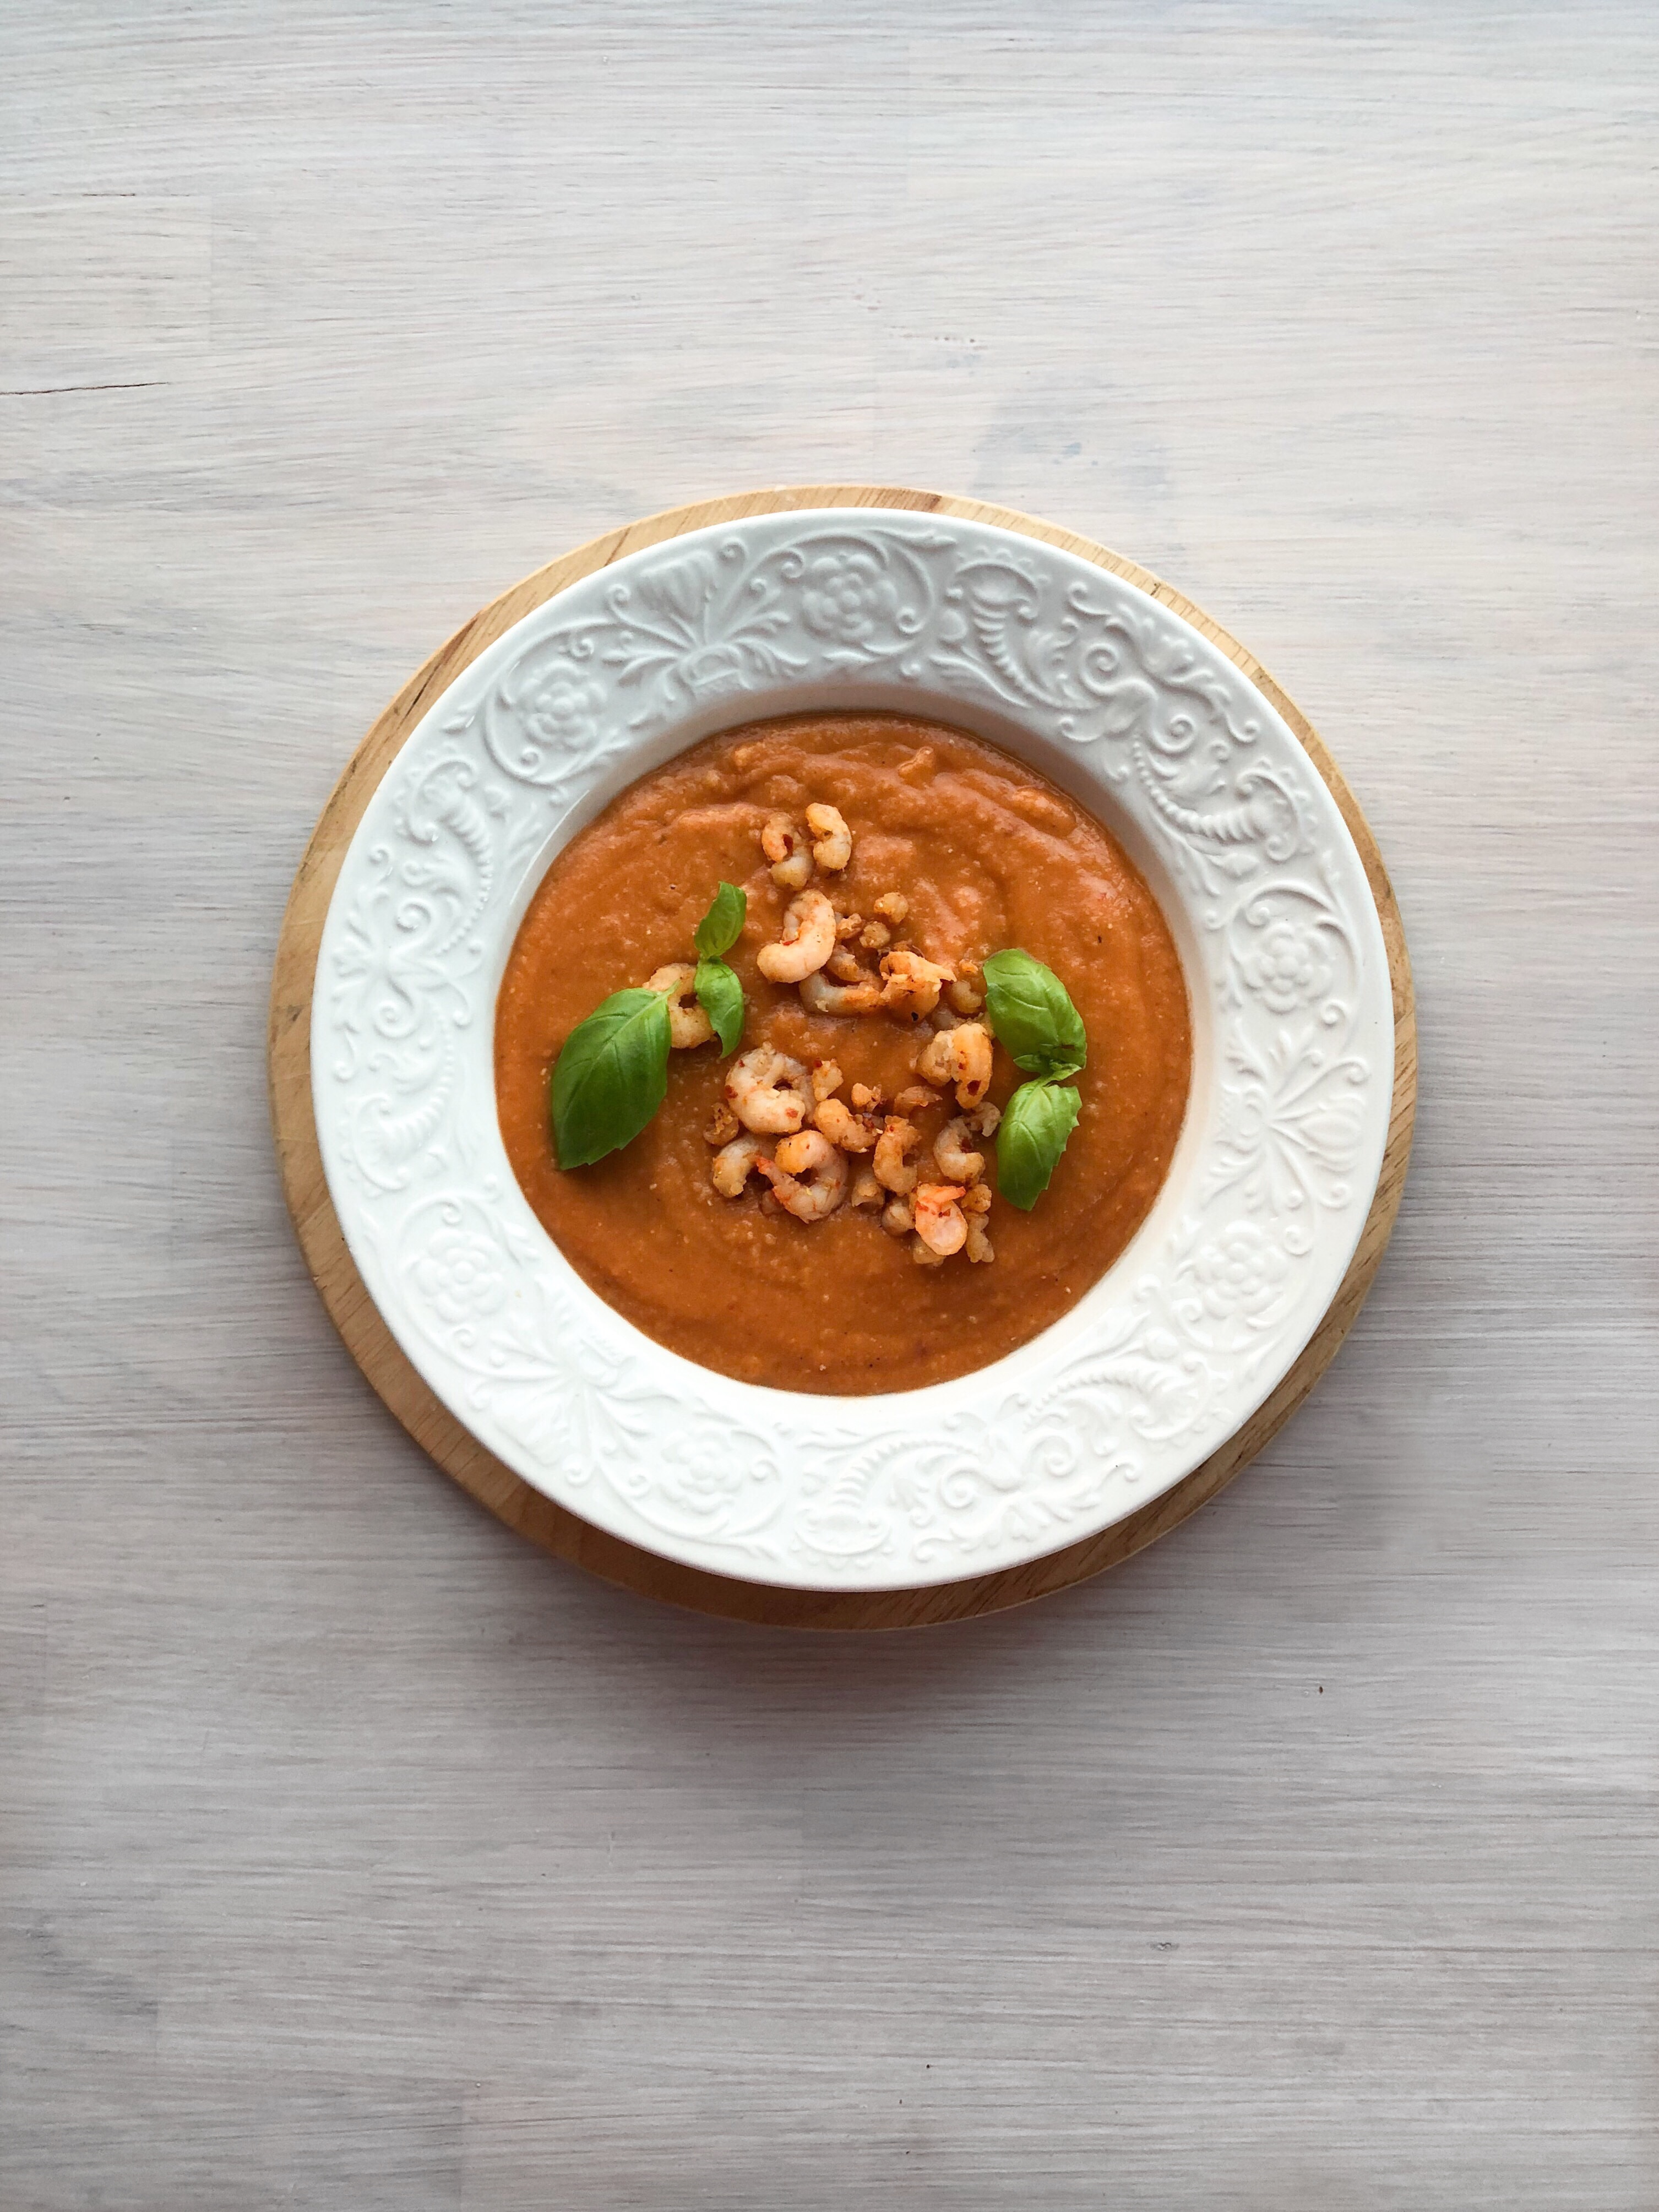 Mattipset: Linssoppa med chilifrästa räkor